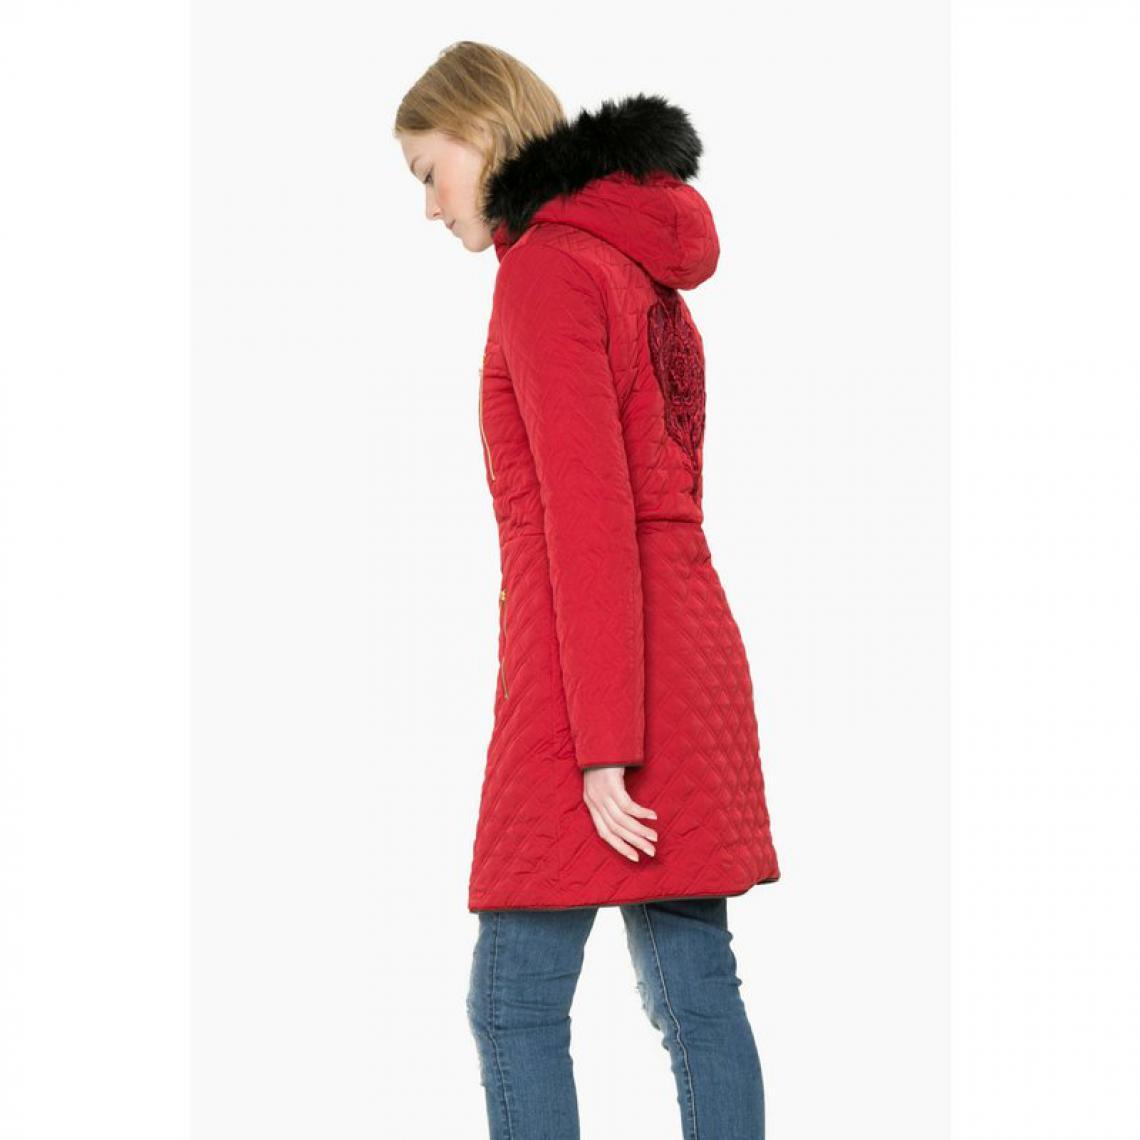 sélection premium 1505a 3bd48 Doudoune zippée réversible à capuche femme Desigual - Rouge ...